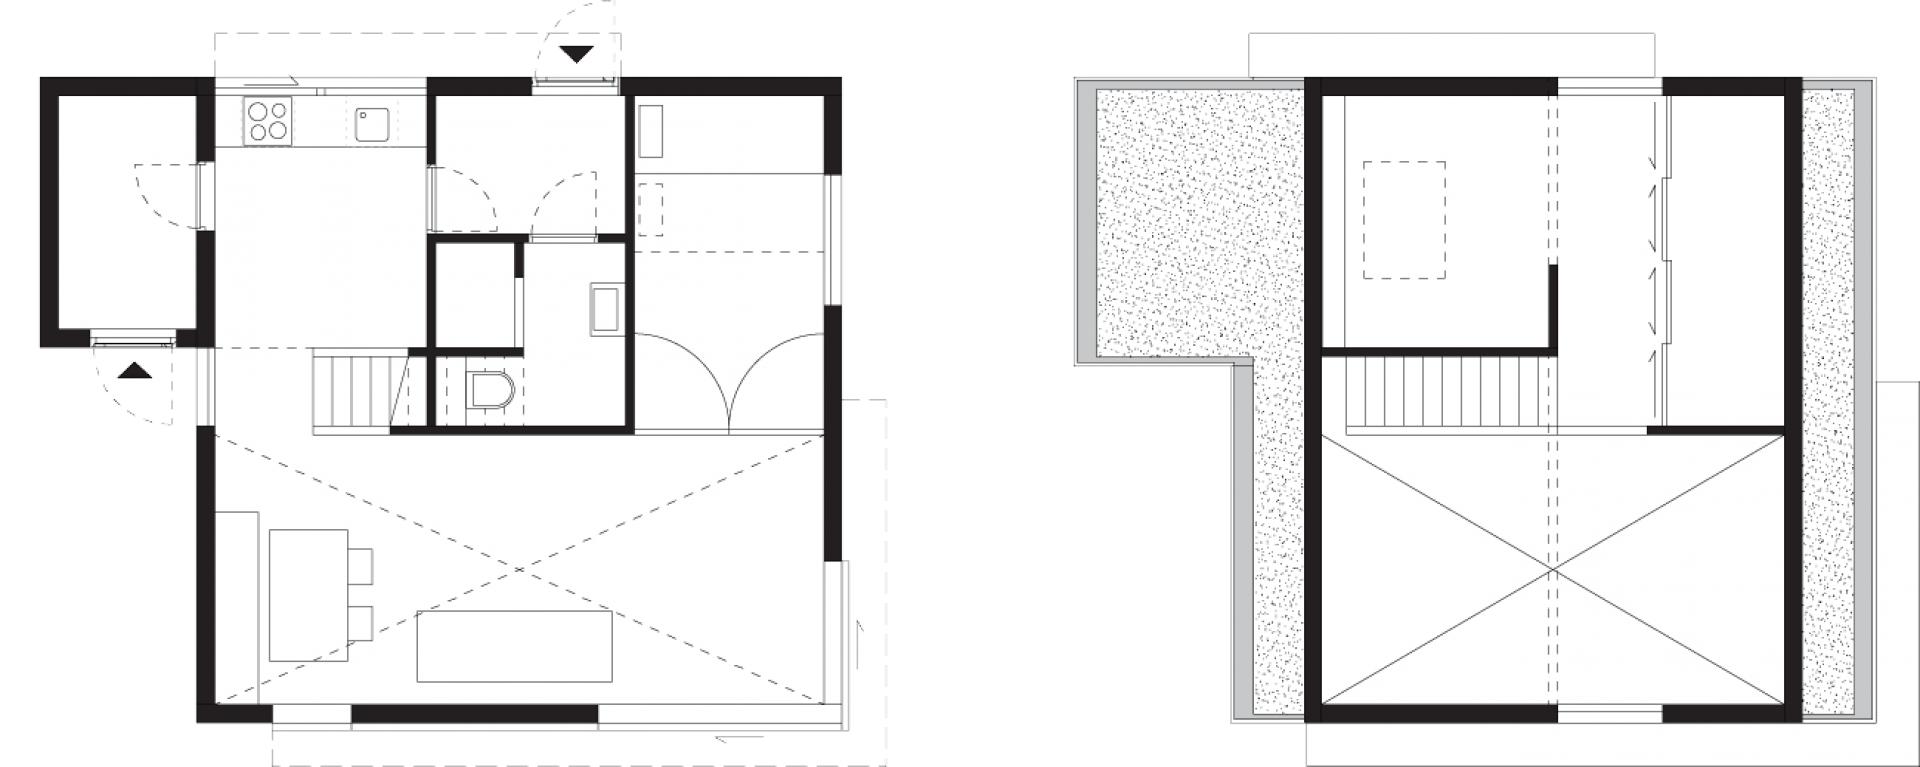 Egelshoek Plan Huis 3